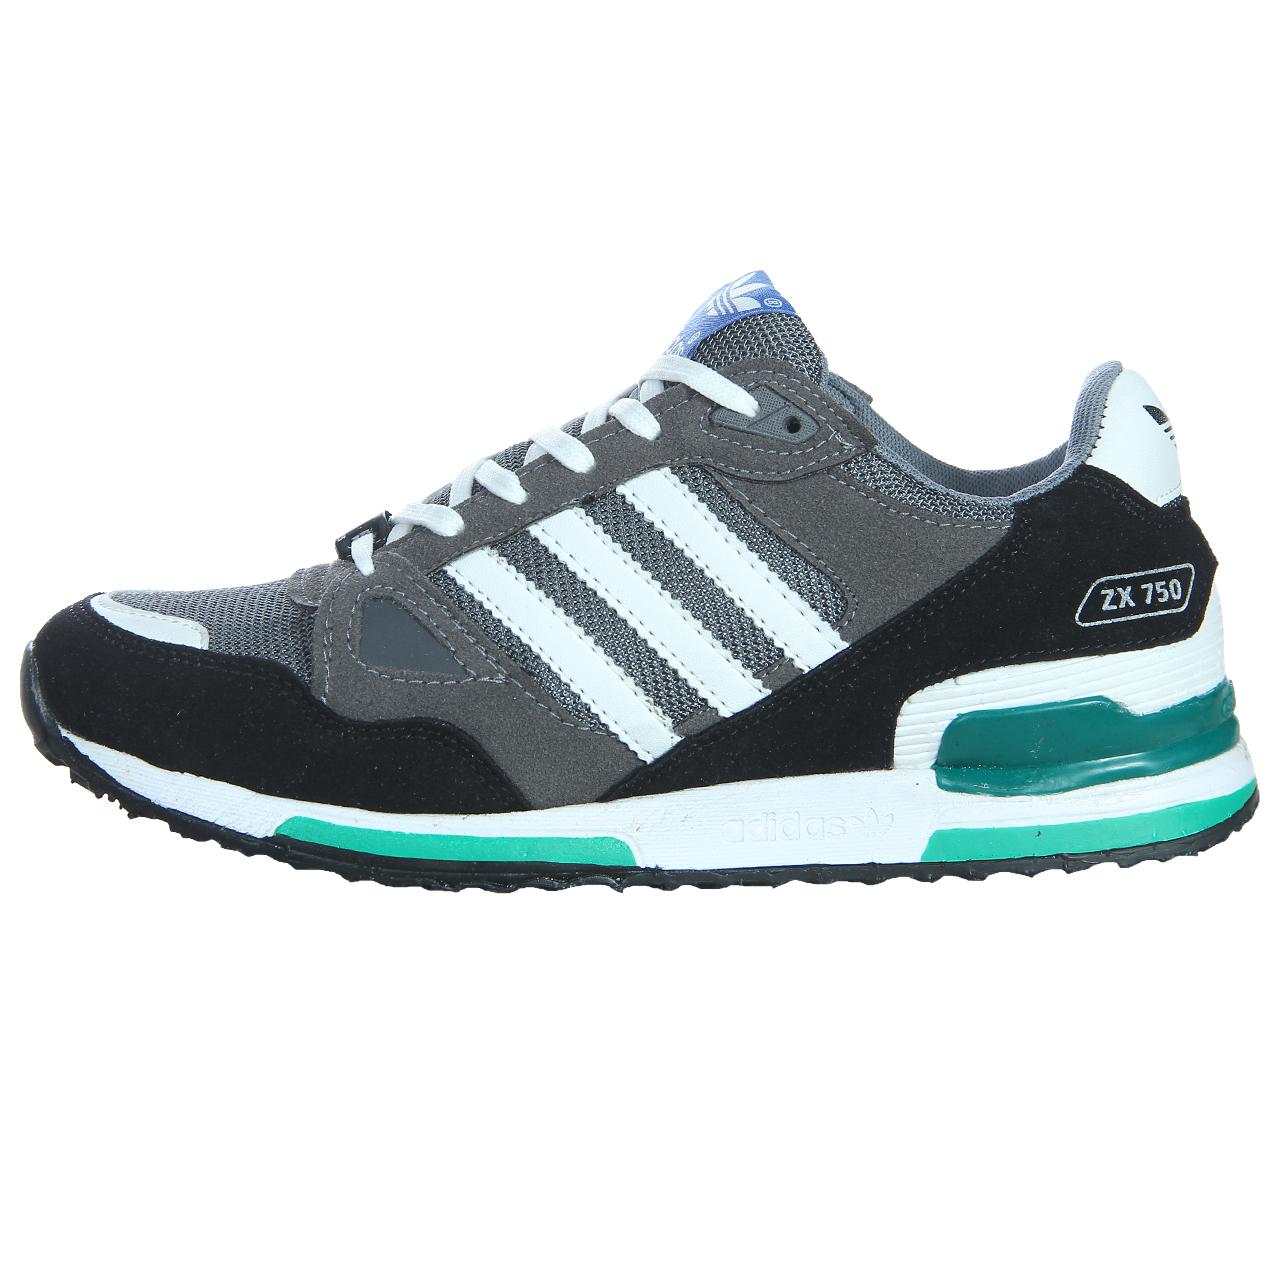 کفش مخصوص پیاده روی مردانه کد zx 750